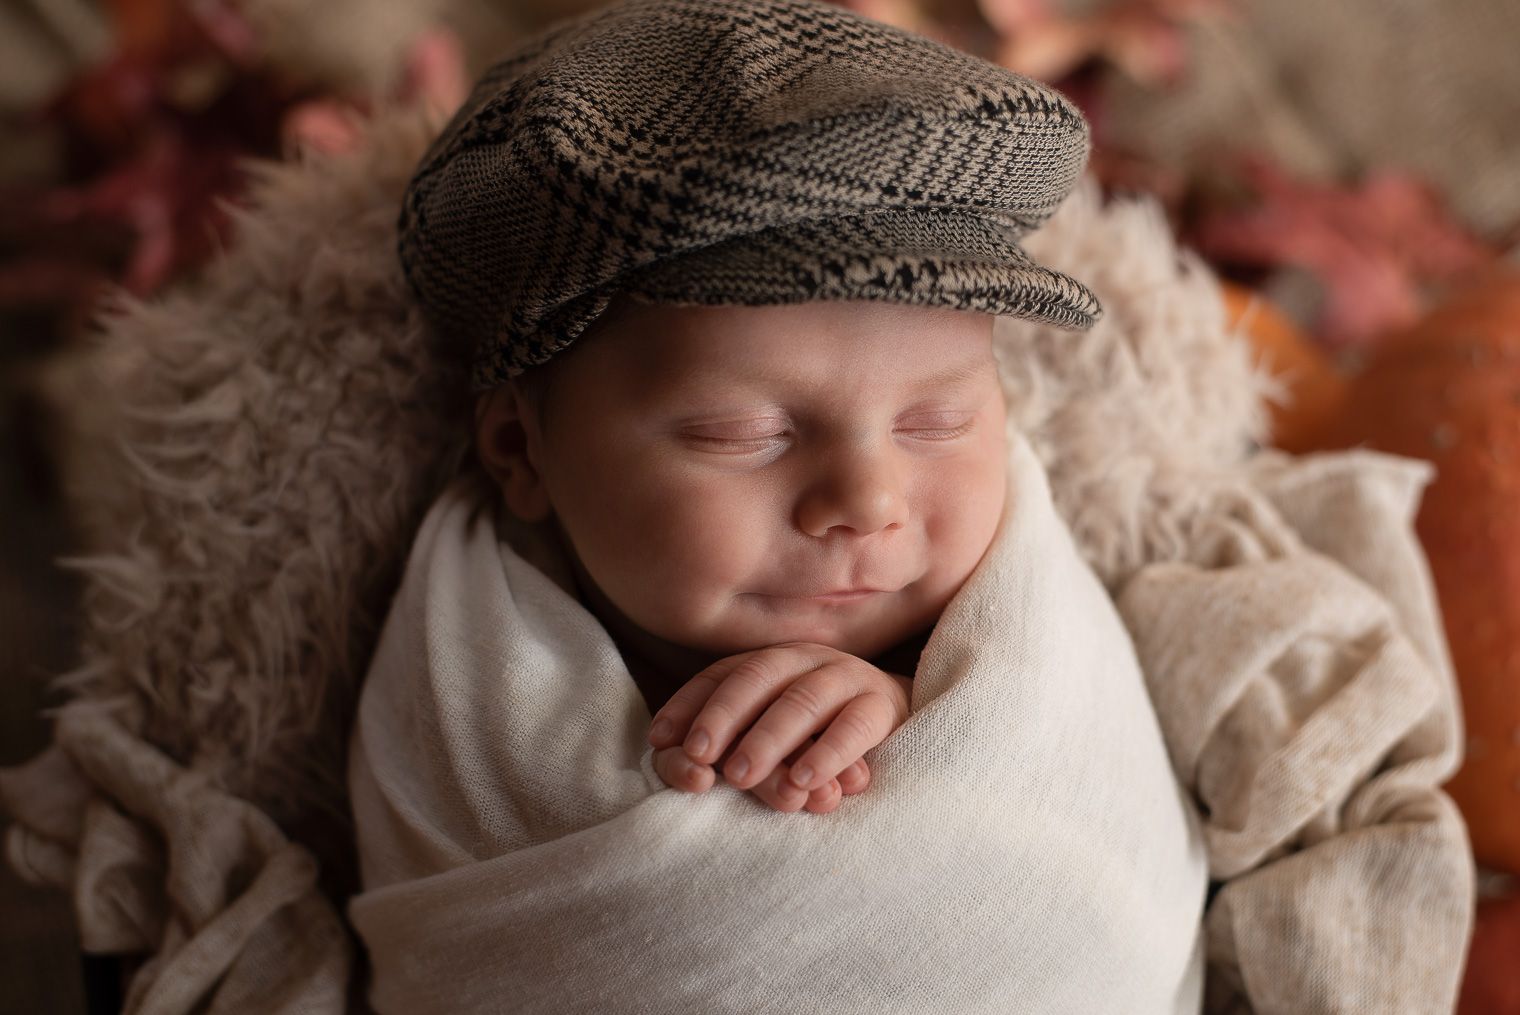 belinda lopez photo nouveau-ne photographie famille grossesse bebe enfant maternite photographe bourg-saint-maurice savoie belindalopez.fr-36